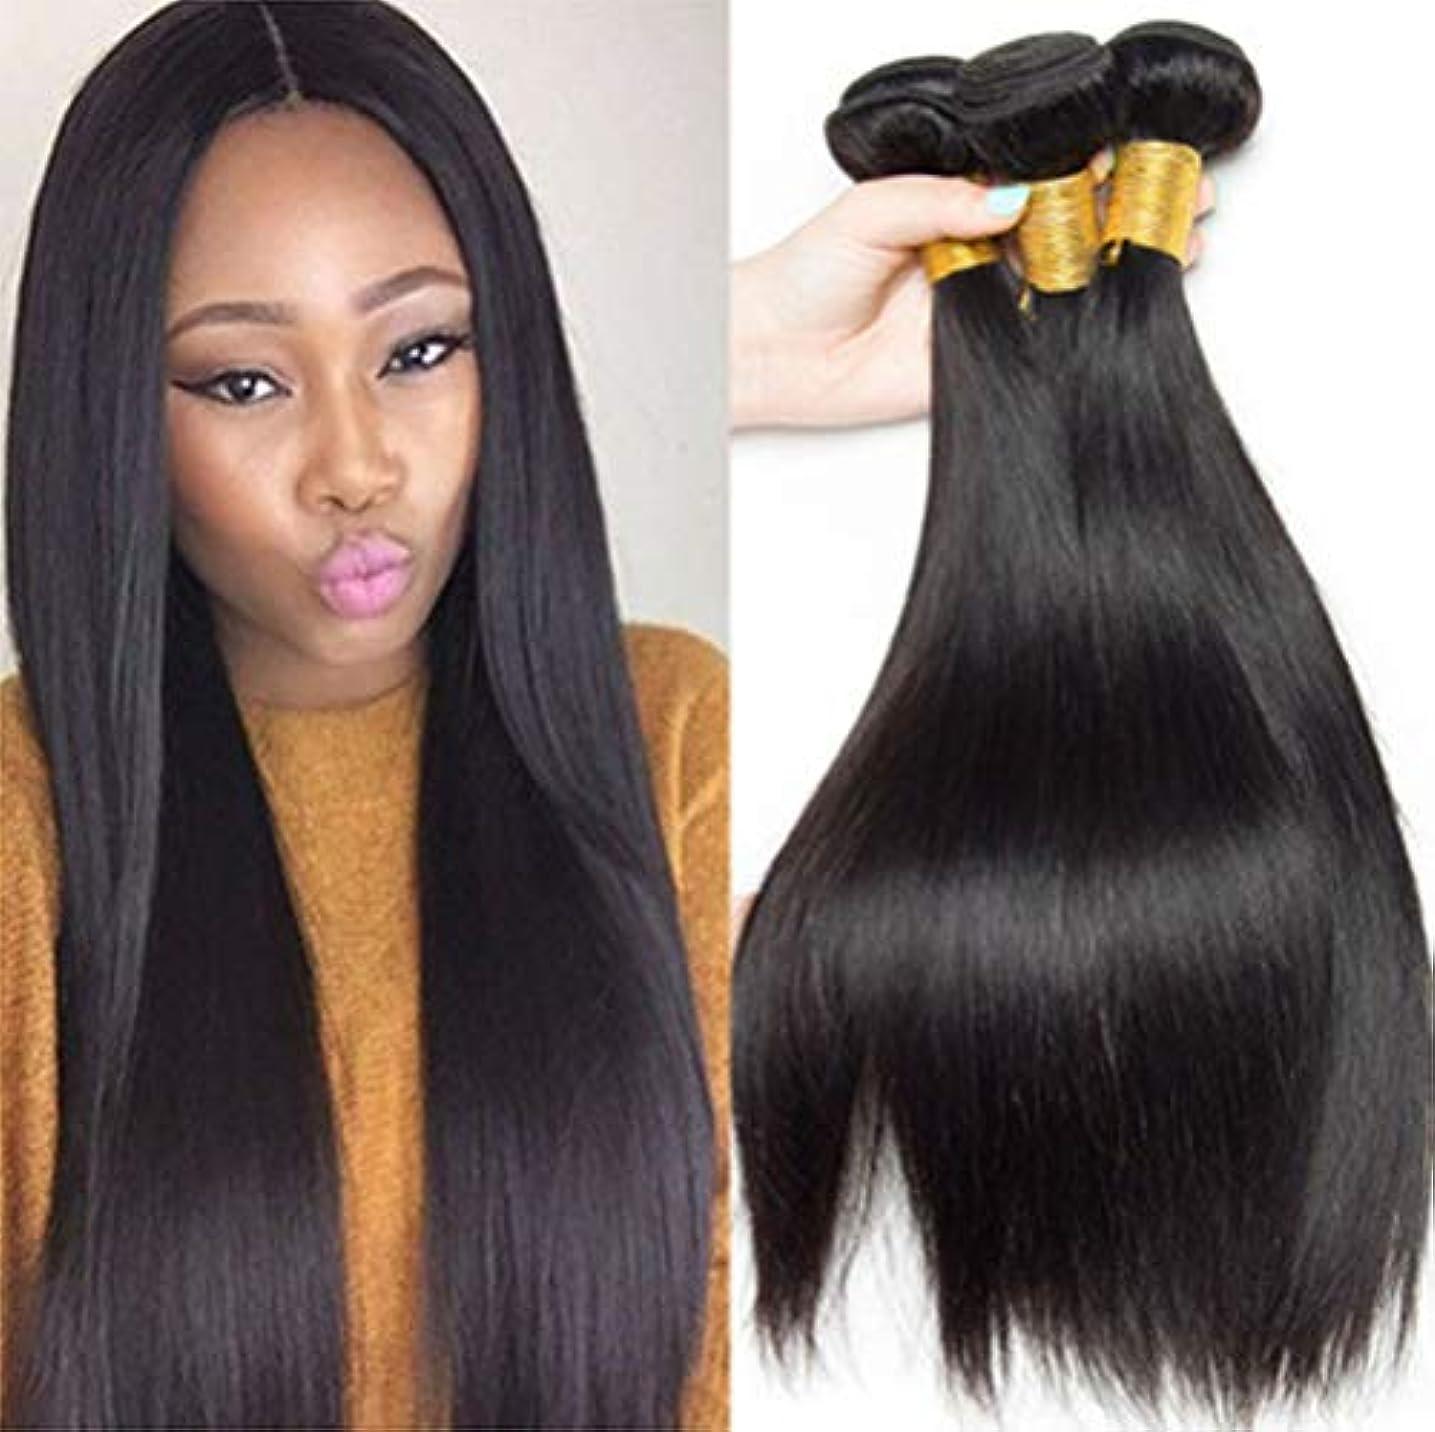 書士ゴルフ押し下げる女性の髪織り密度150%ロング1バンドルブラジルレミーペルーストレートヘアロングストレート人間の髪